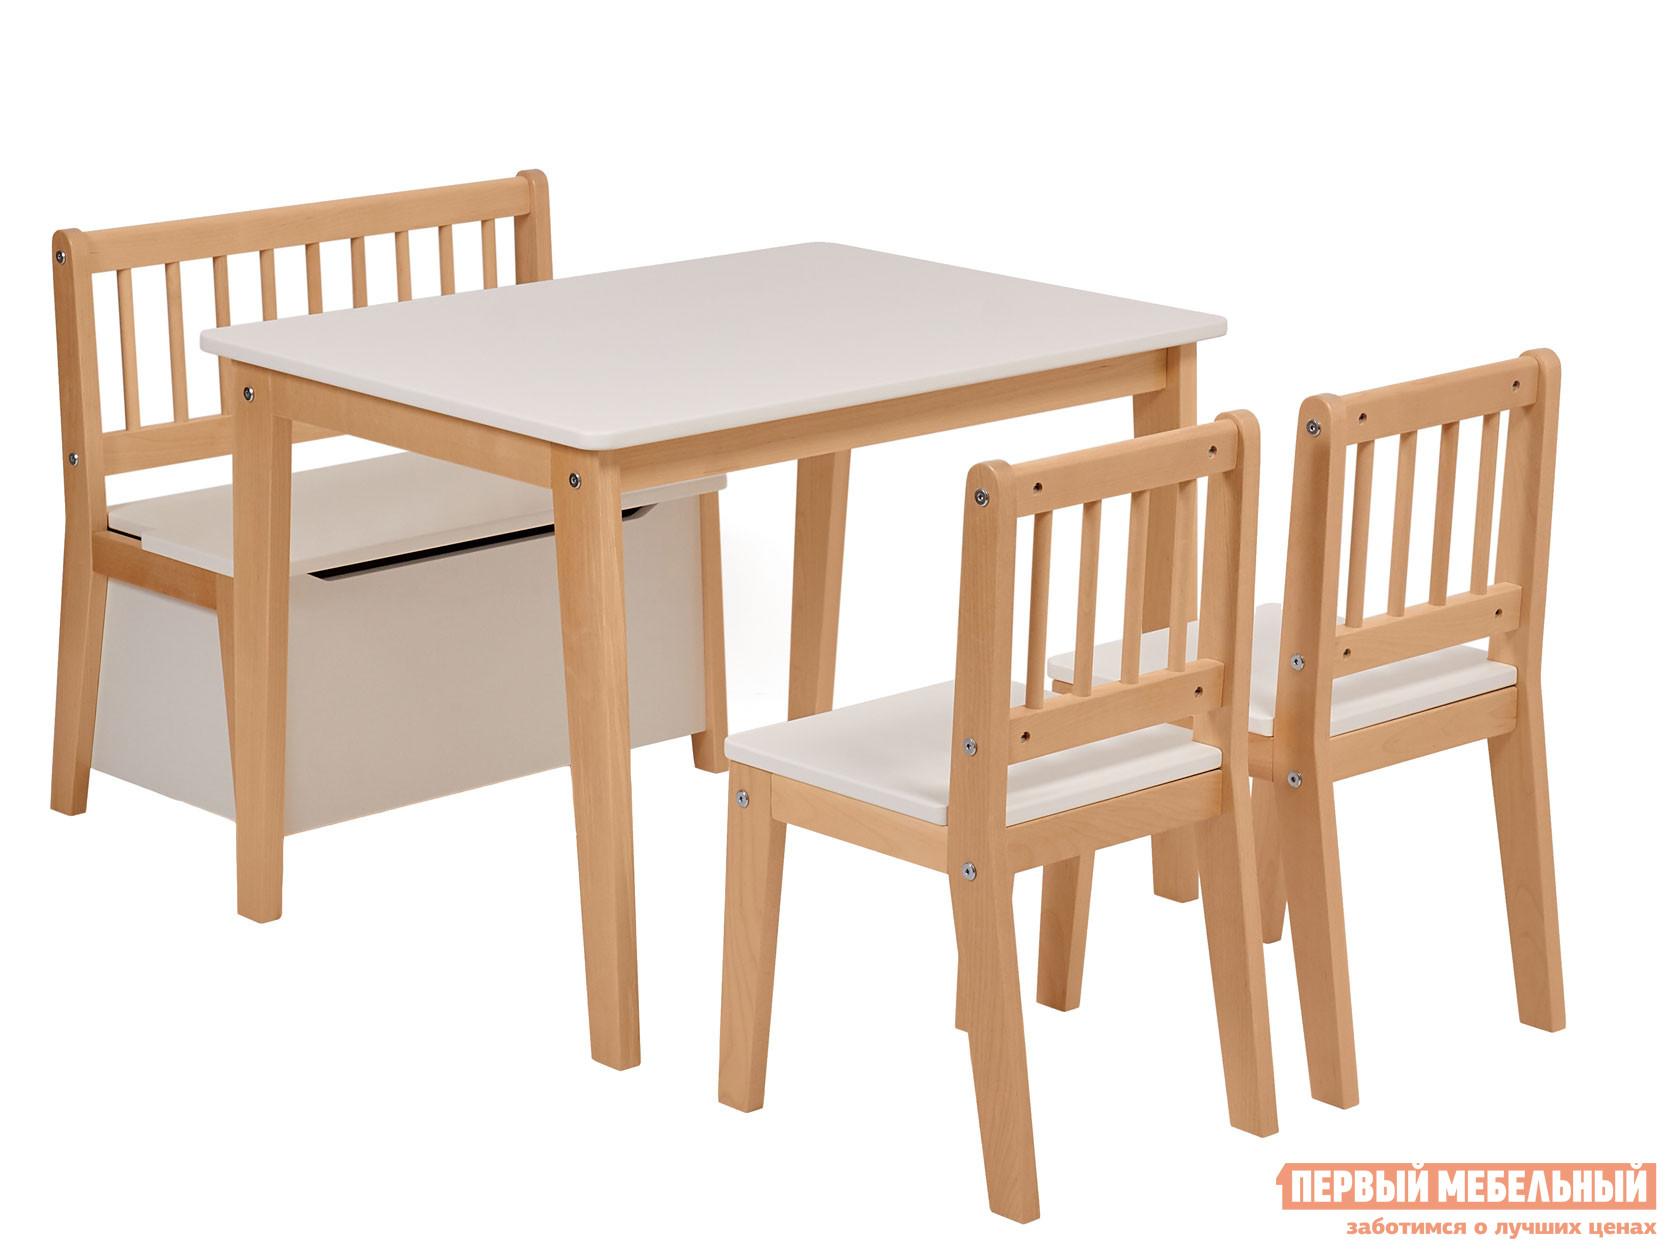 Комплект детской мебели ВПК Комплект детской мебели Polini kids Dream 195 M, со скамьей и стульями